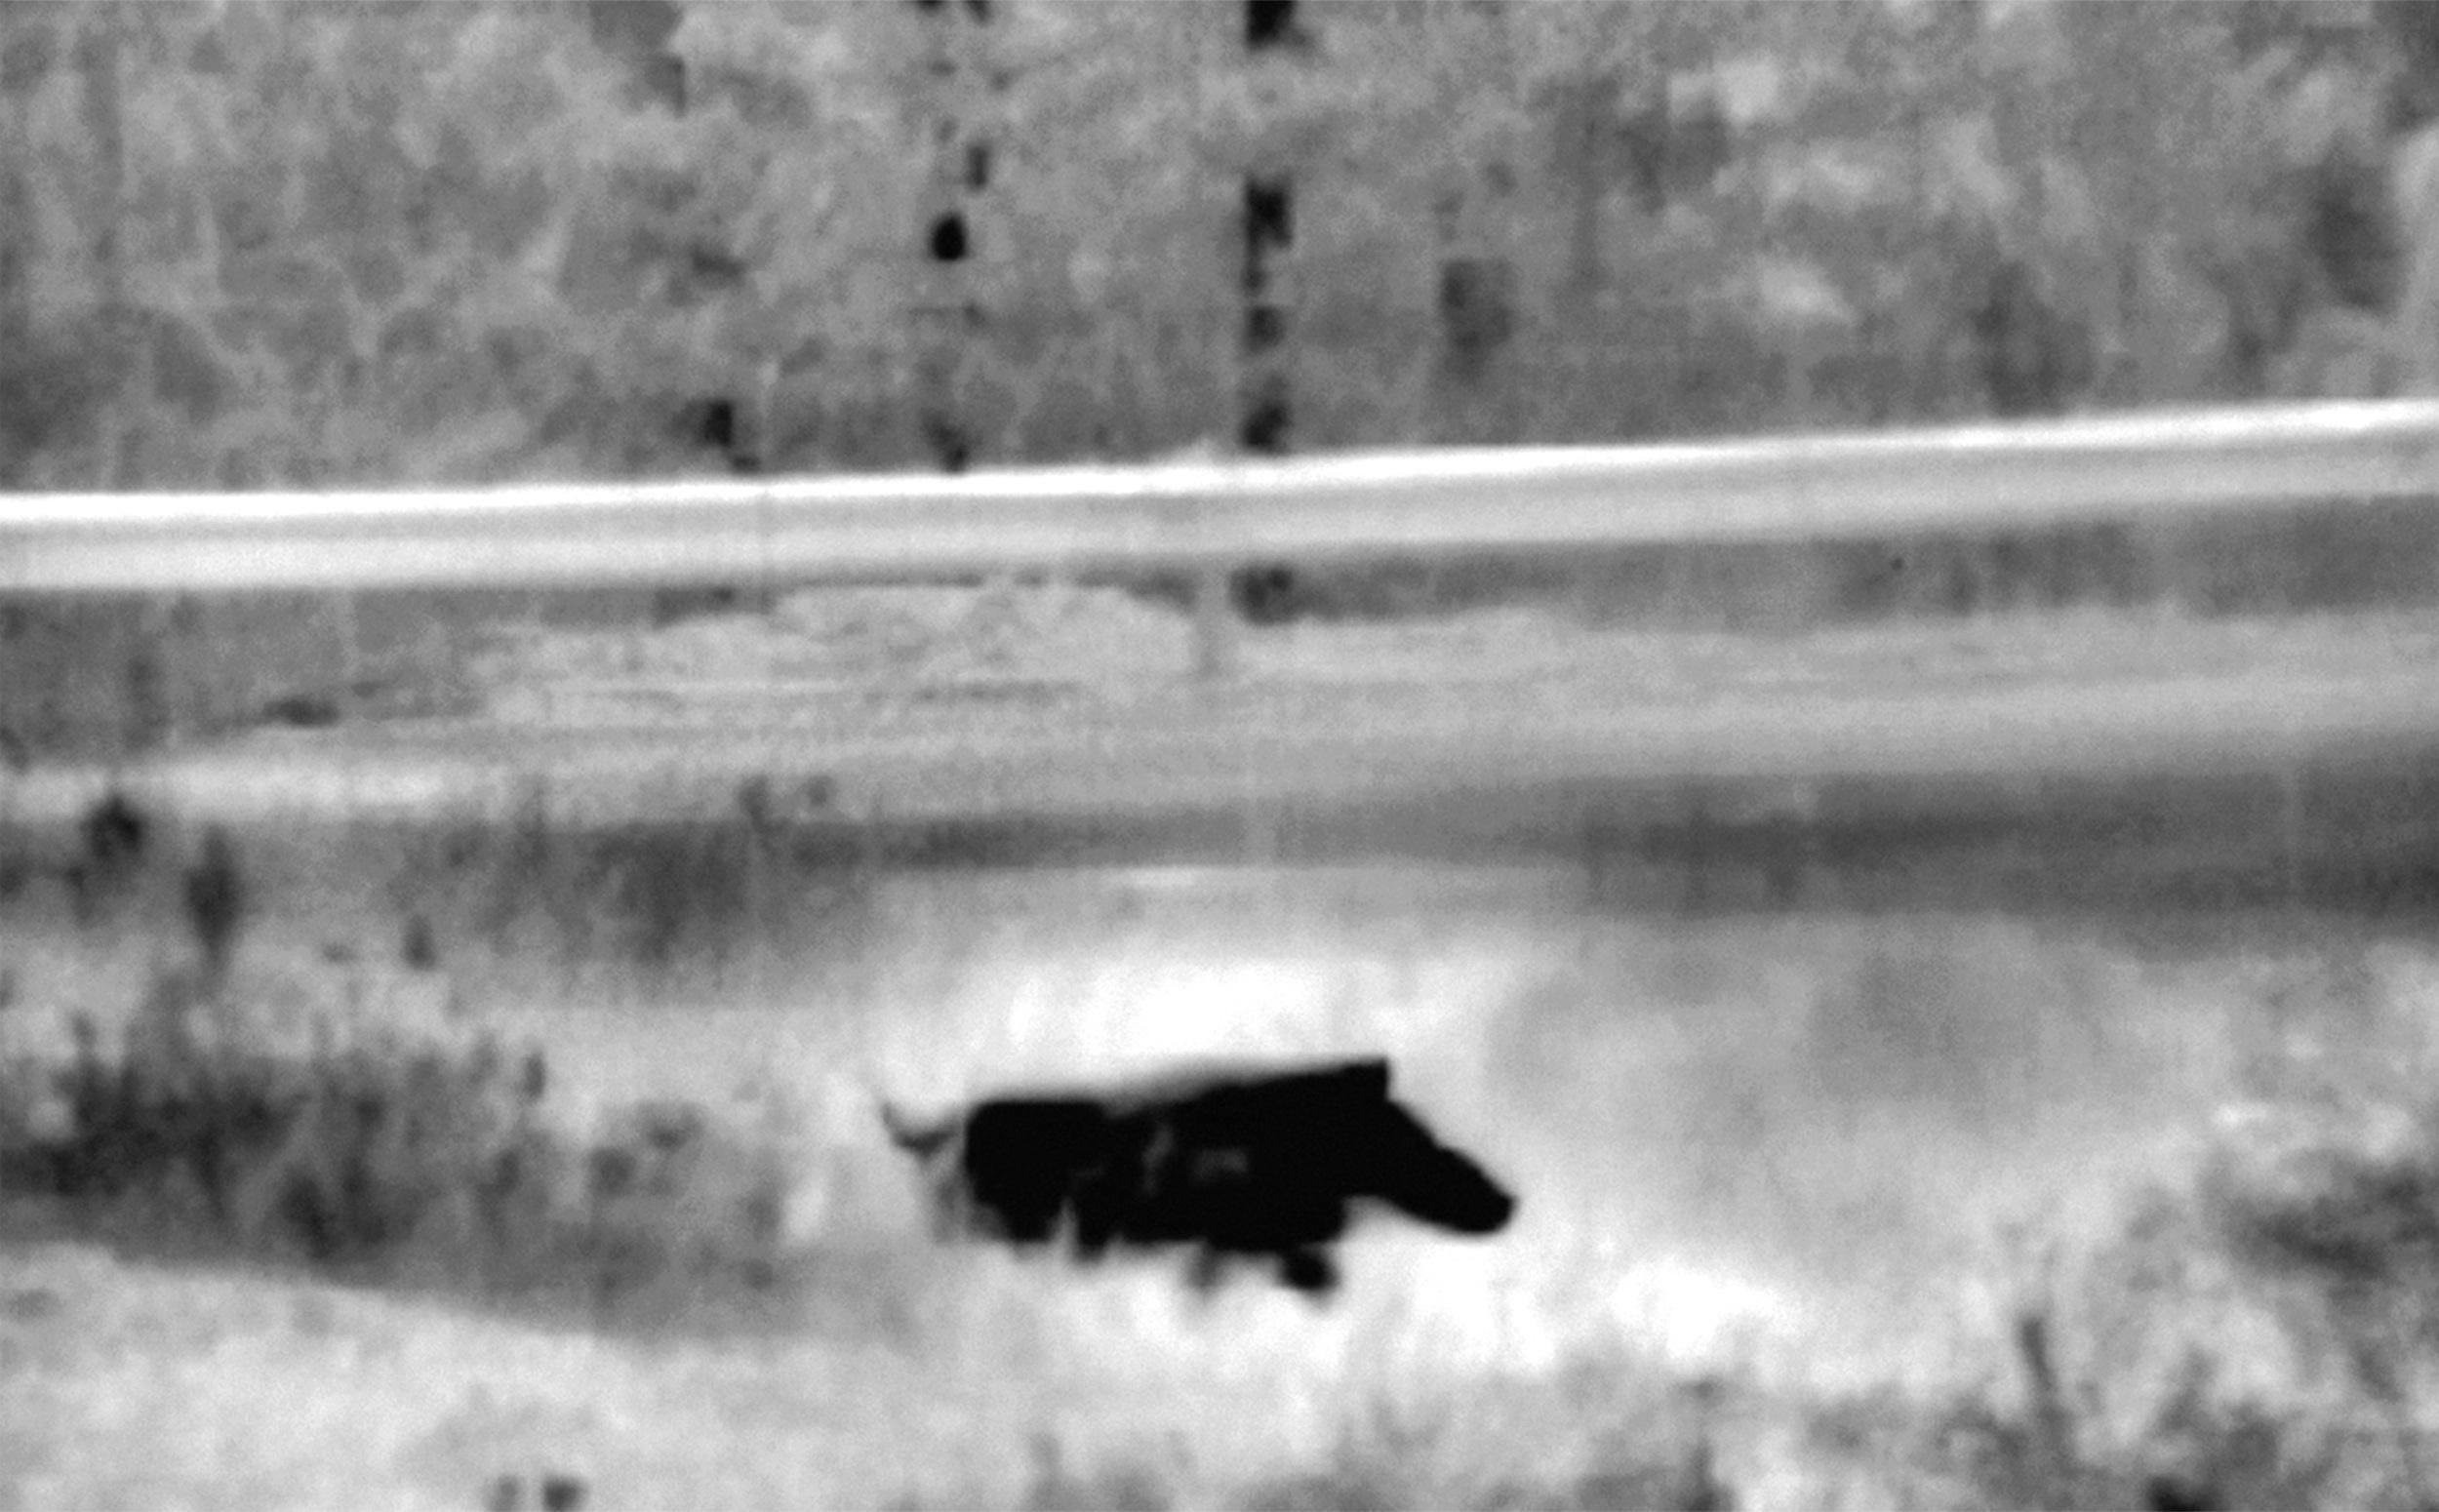 Wild boar, خنزير بري, בר חזיר .jpg